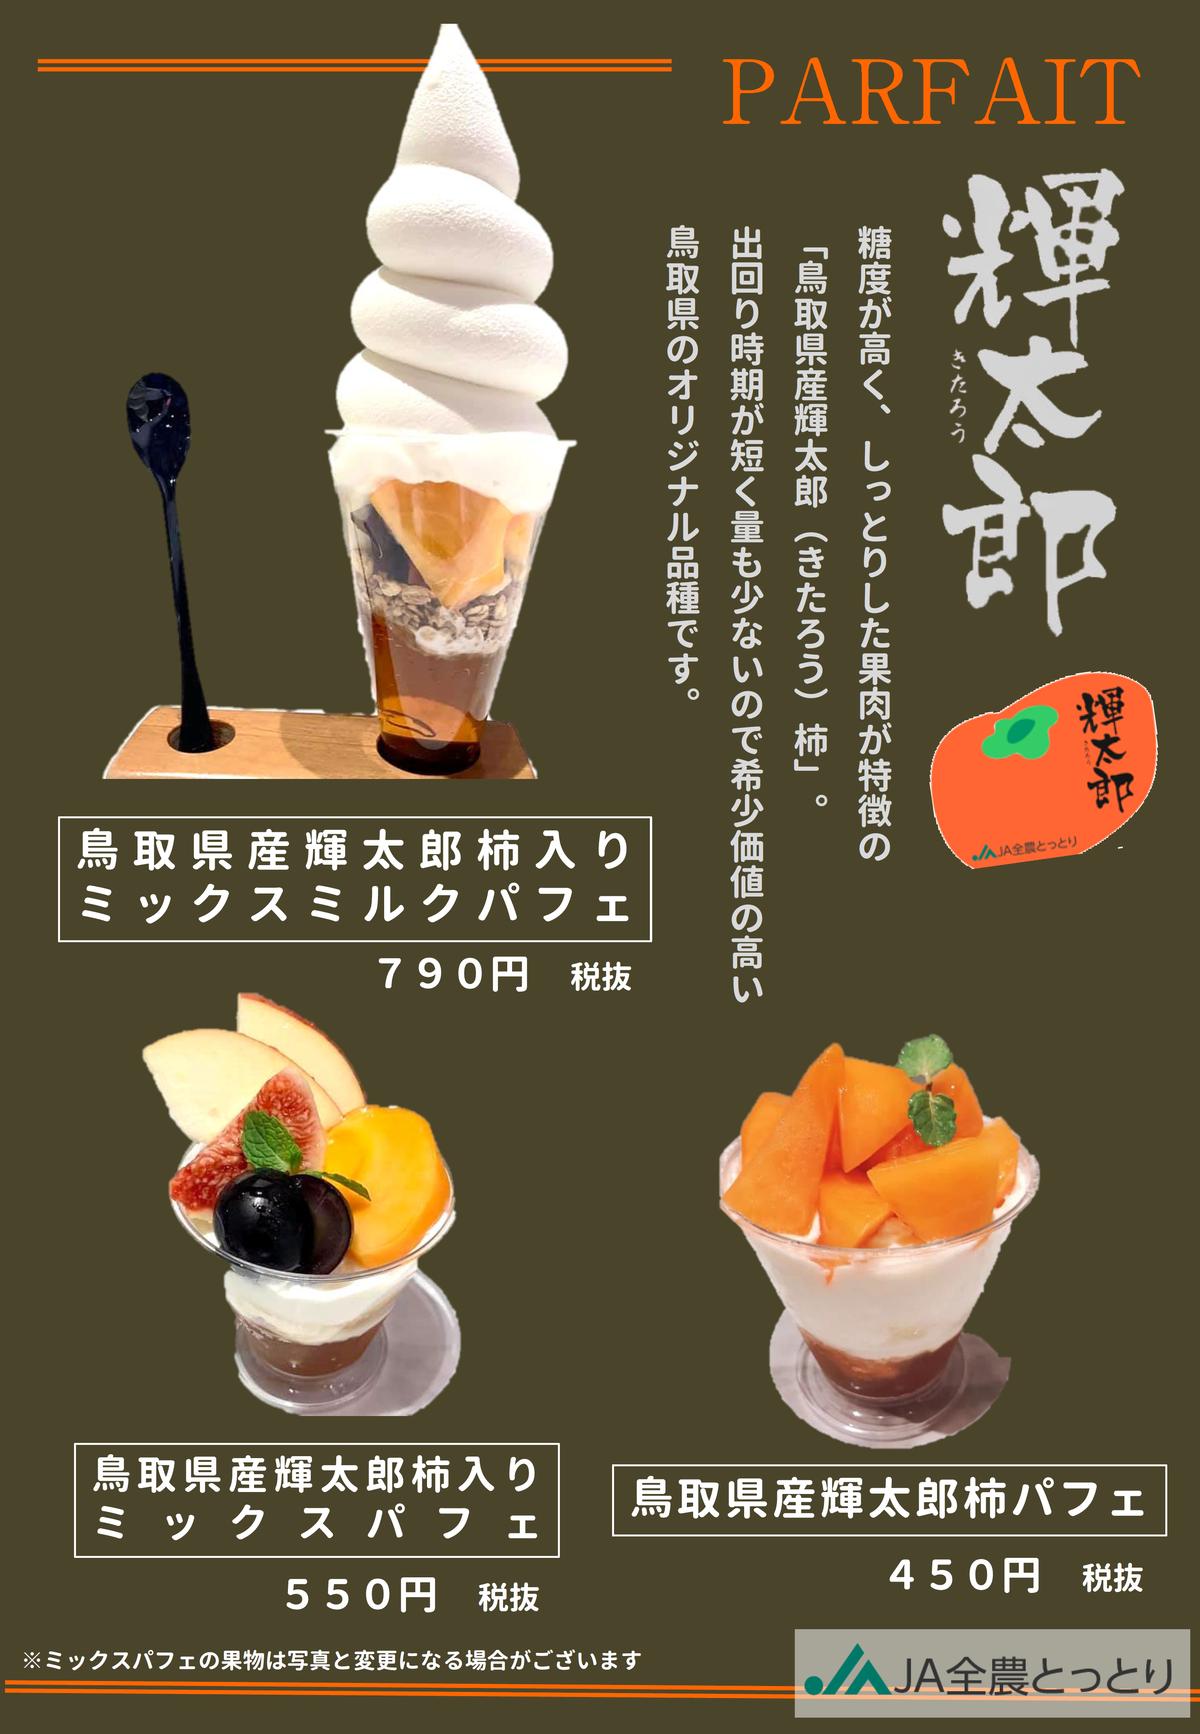 鳥取輝太郎柿フェア.png